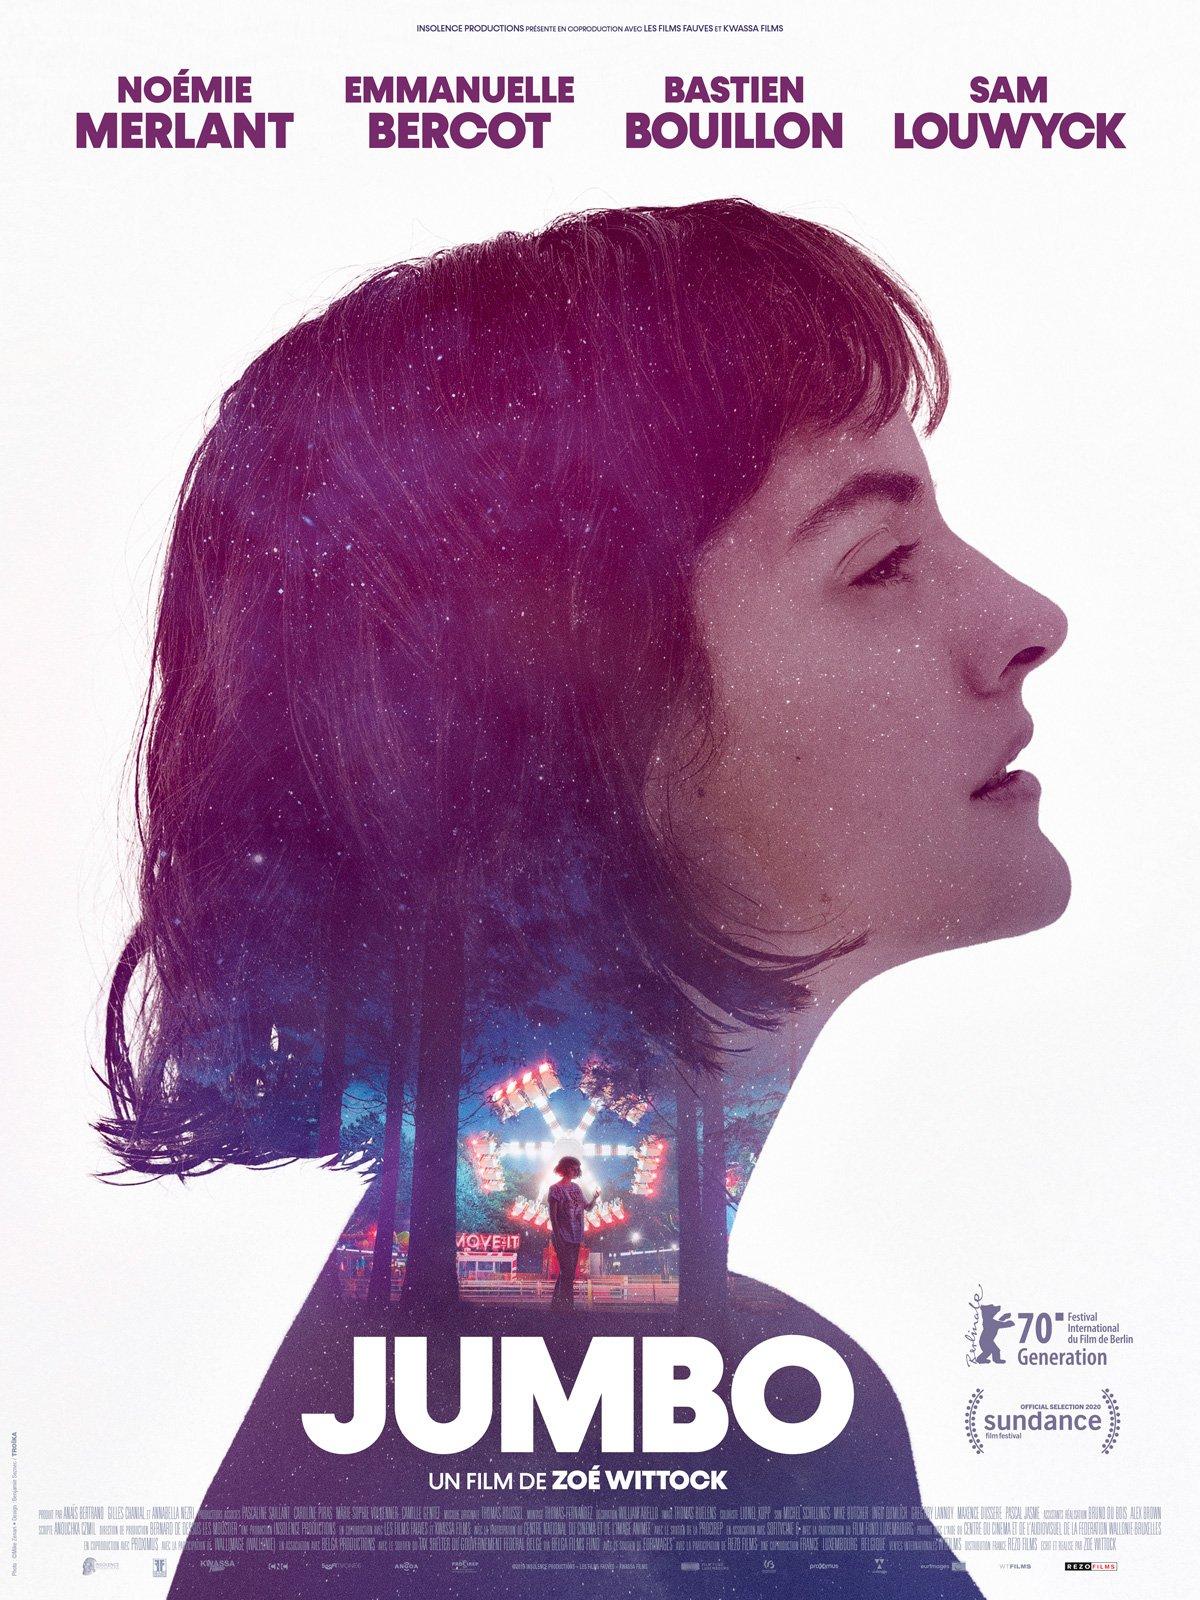 JUMBO*